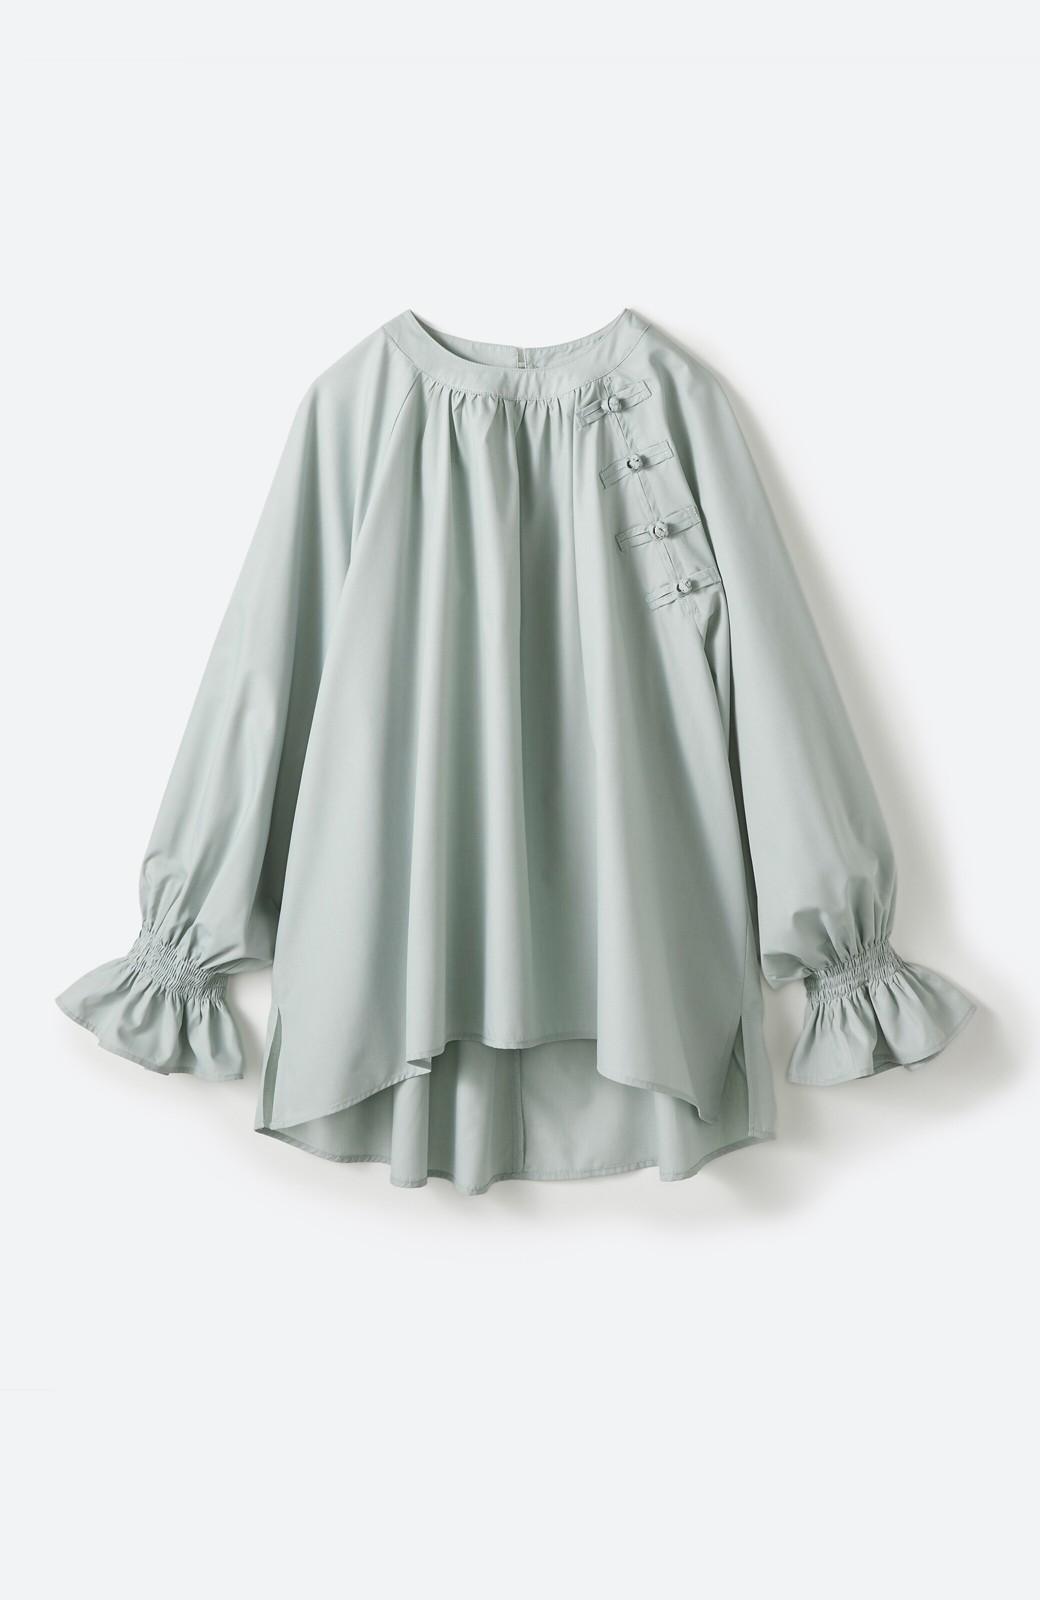 haco! パッと着るだけで新鮮&おしゃれ見え!ゆるめサイズが今っぽいチャイナボタンブラウス <ミント>の商品写真2